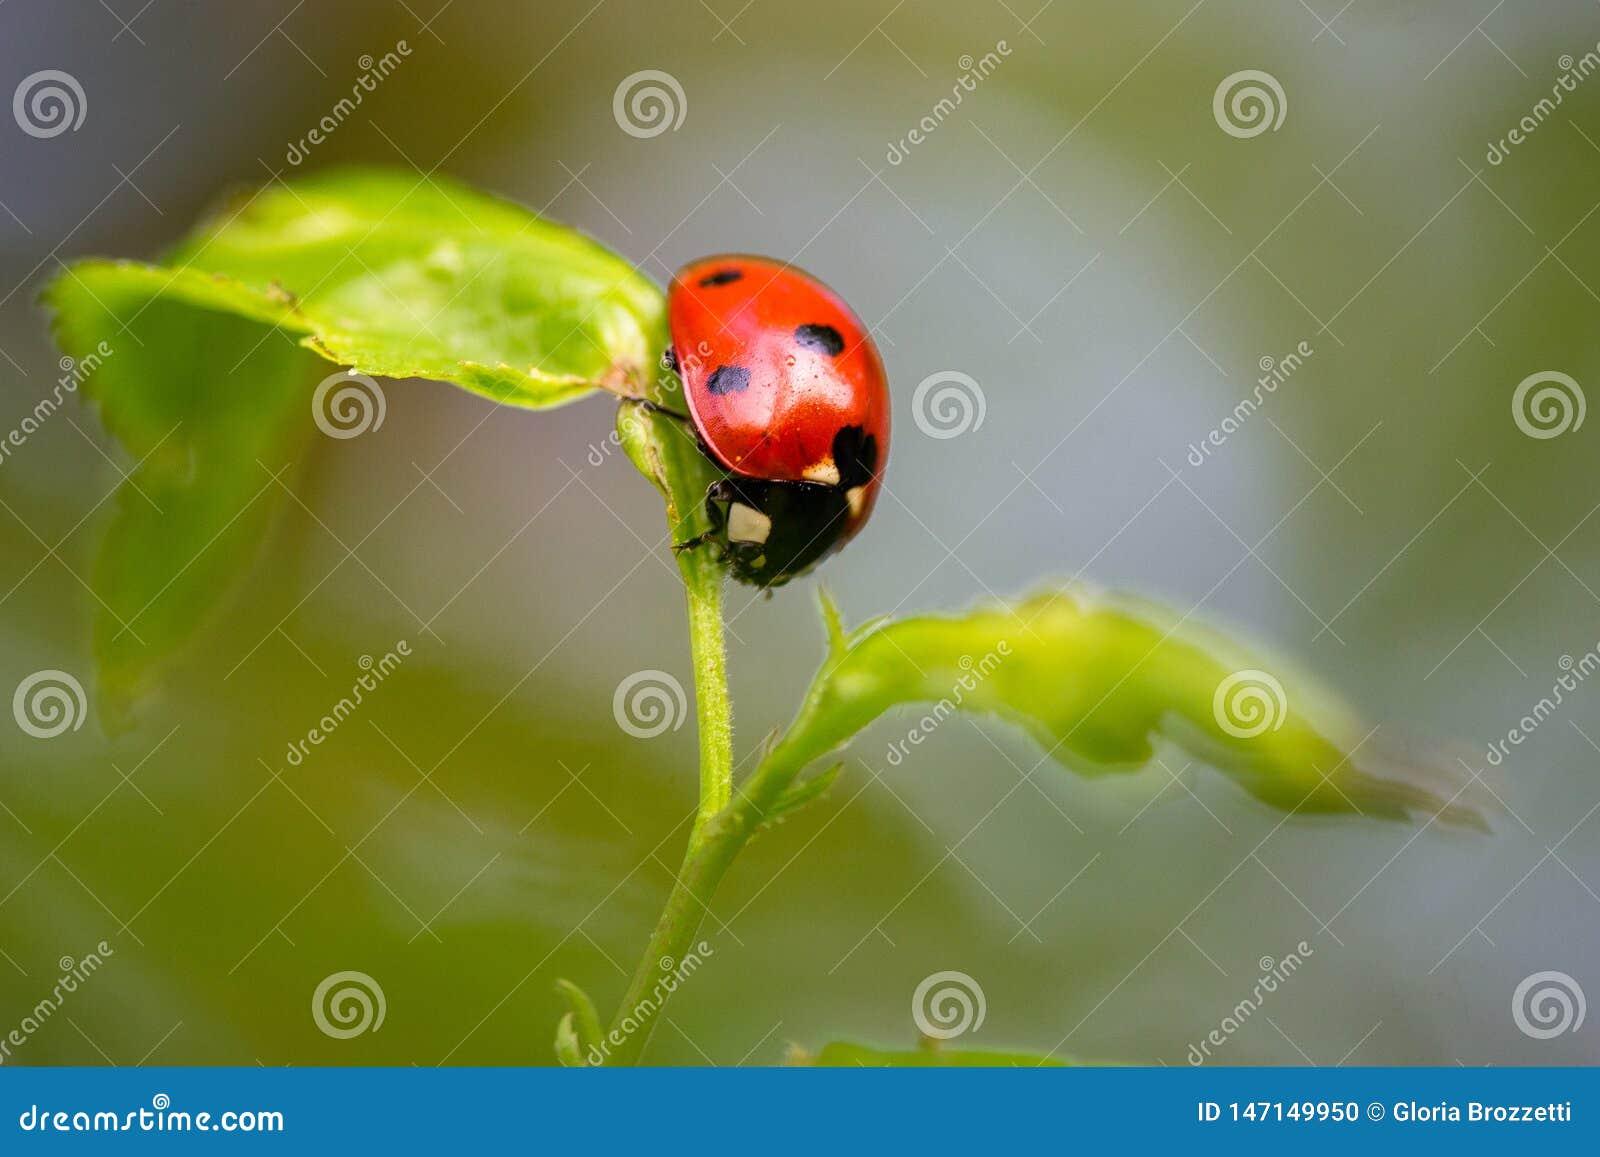 Biedronka w równowadze na małej roślinie